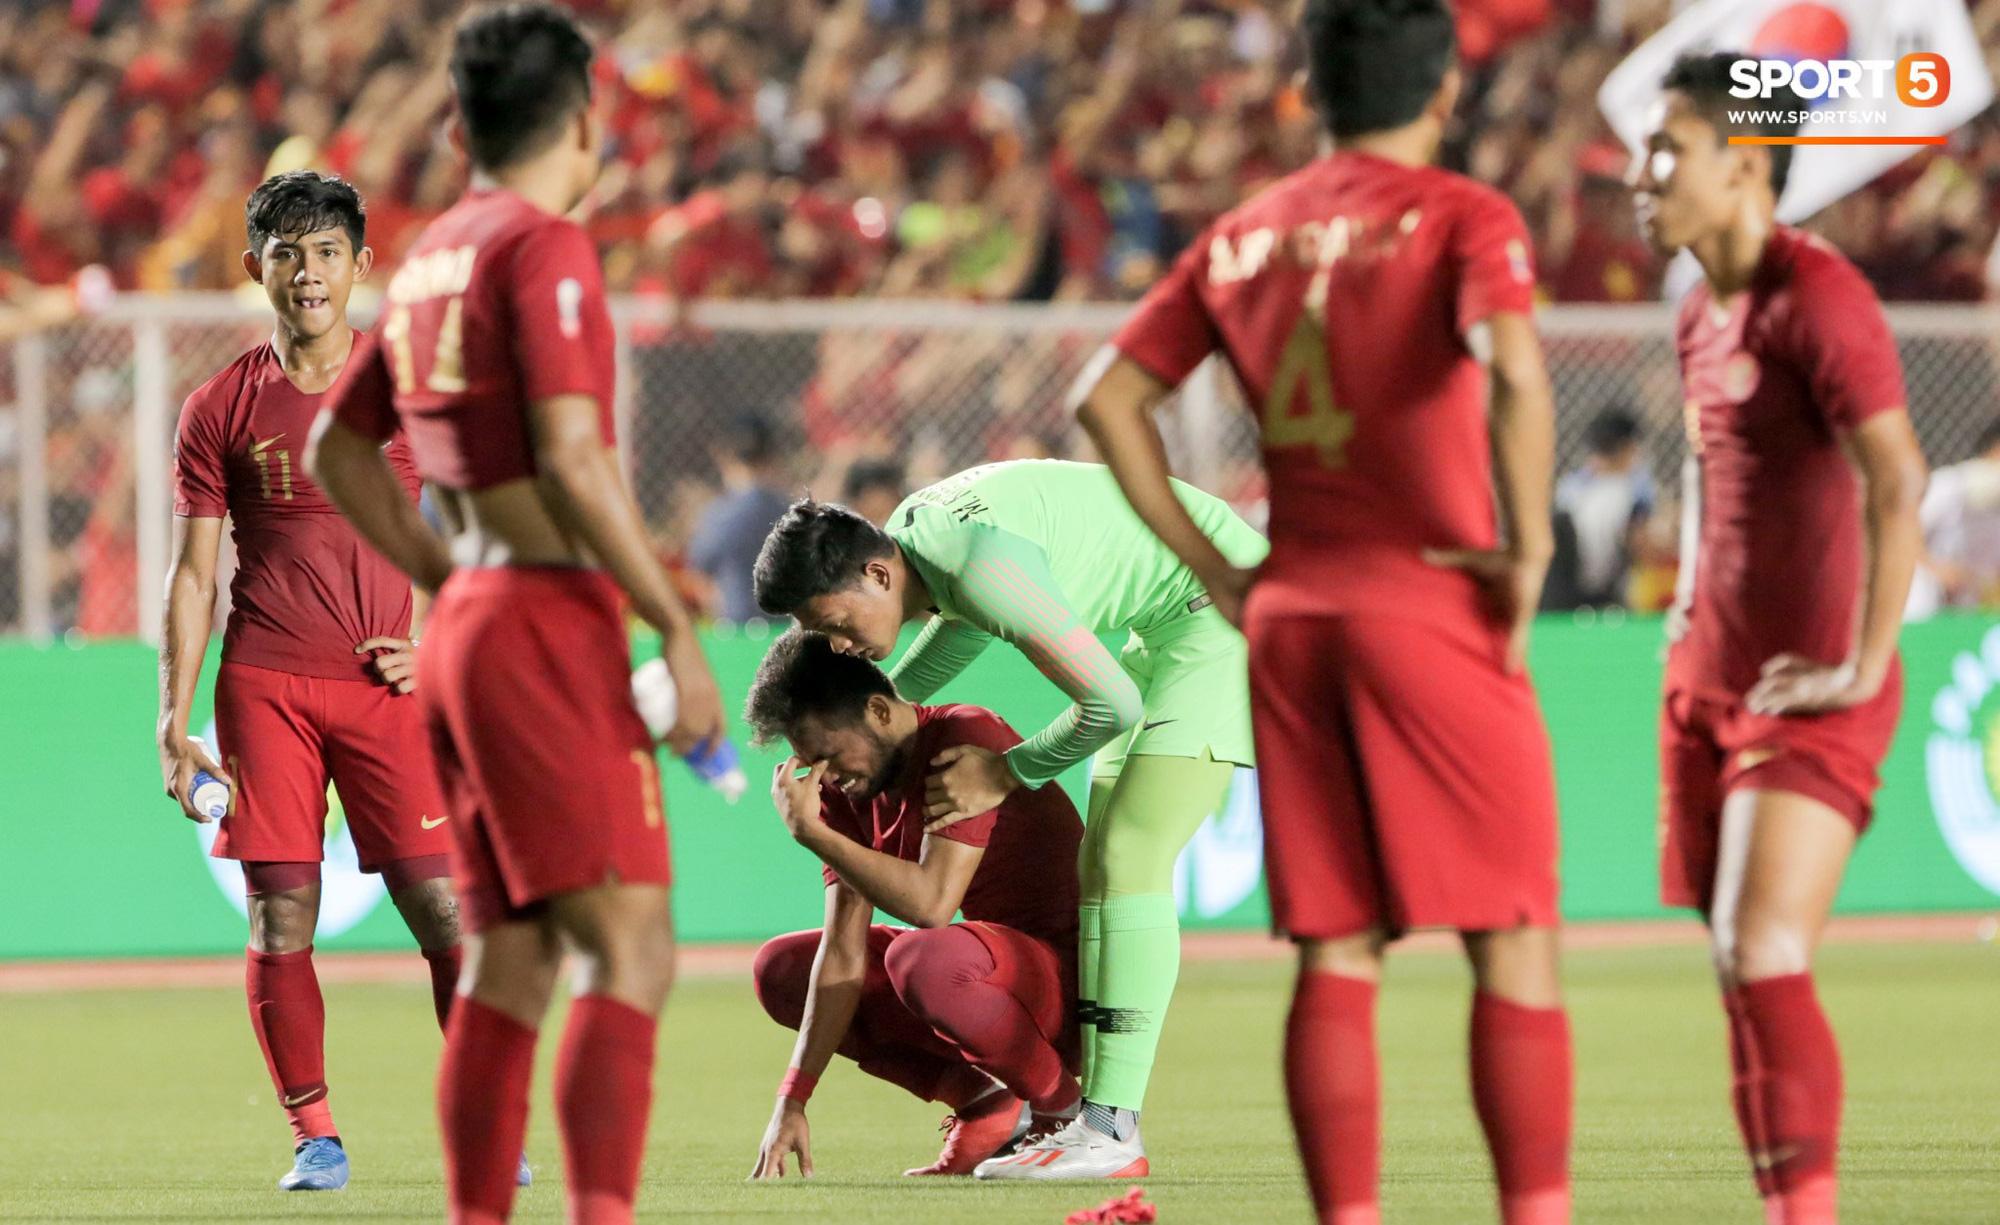 Cãi cùn với trọng tài, trai hư của Indonesia bị Thành Chung cho tắt điện - Ảnh 8.